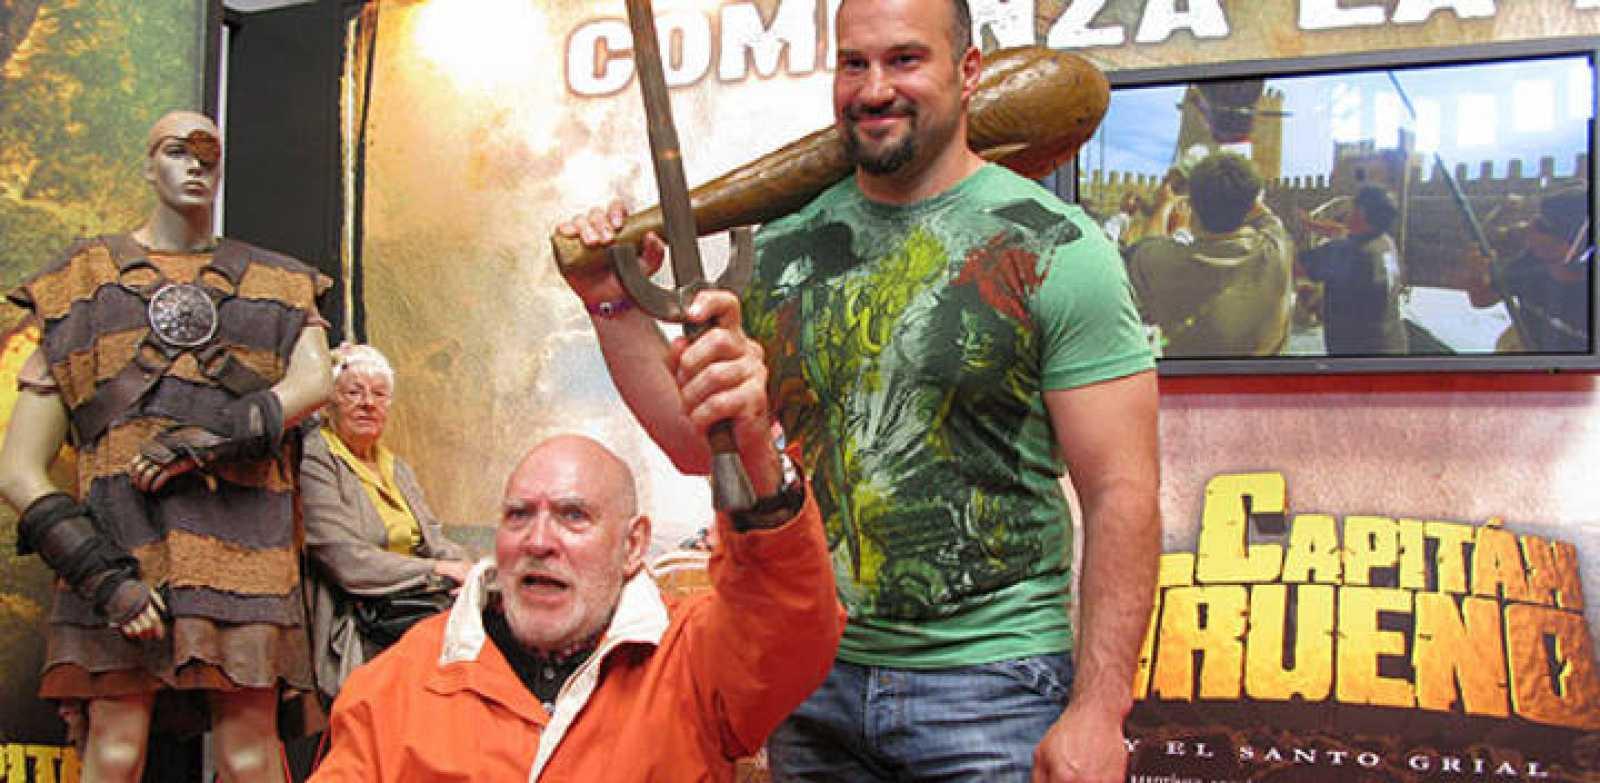 Víctor Mora y Manolo Martínez en el stan de 'Capitán Trueno'en el Salón del cómic